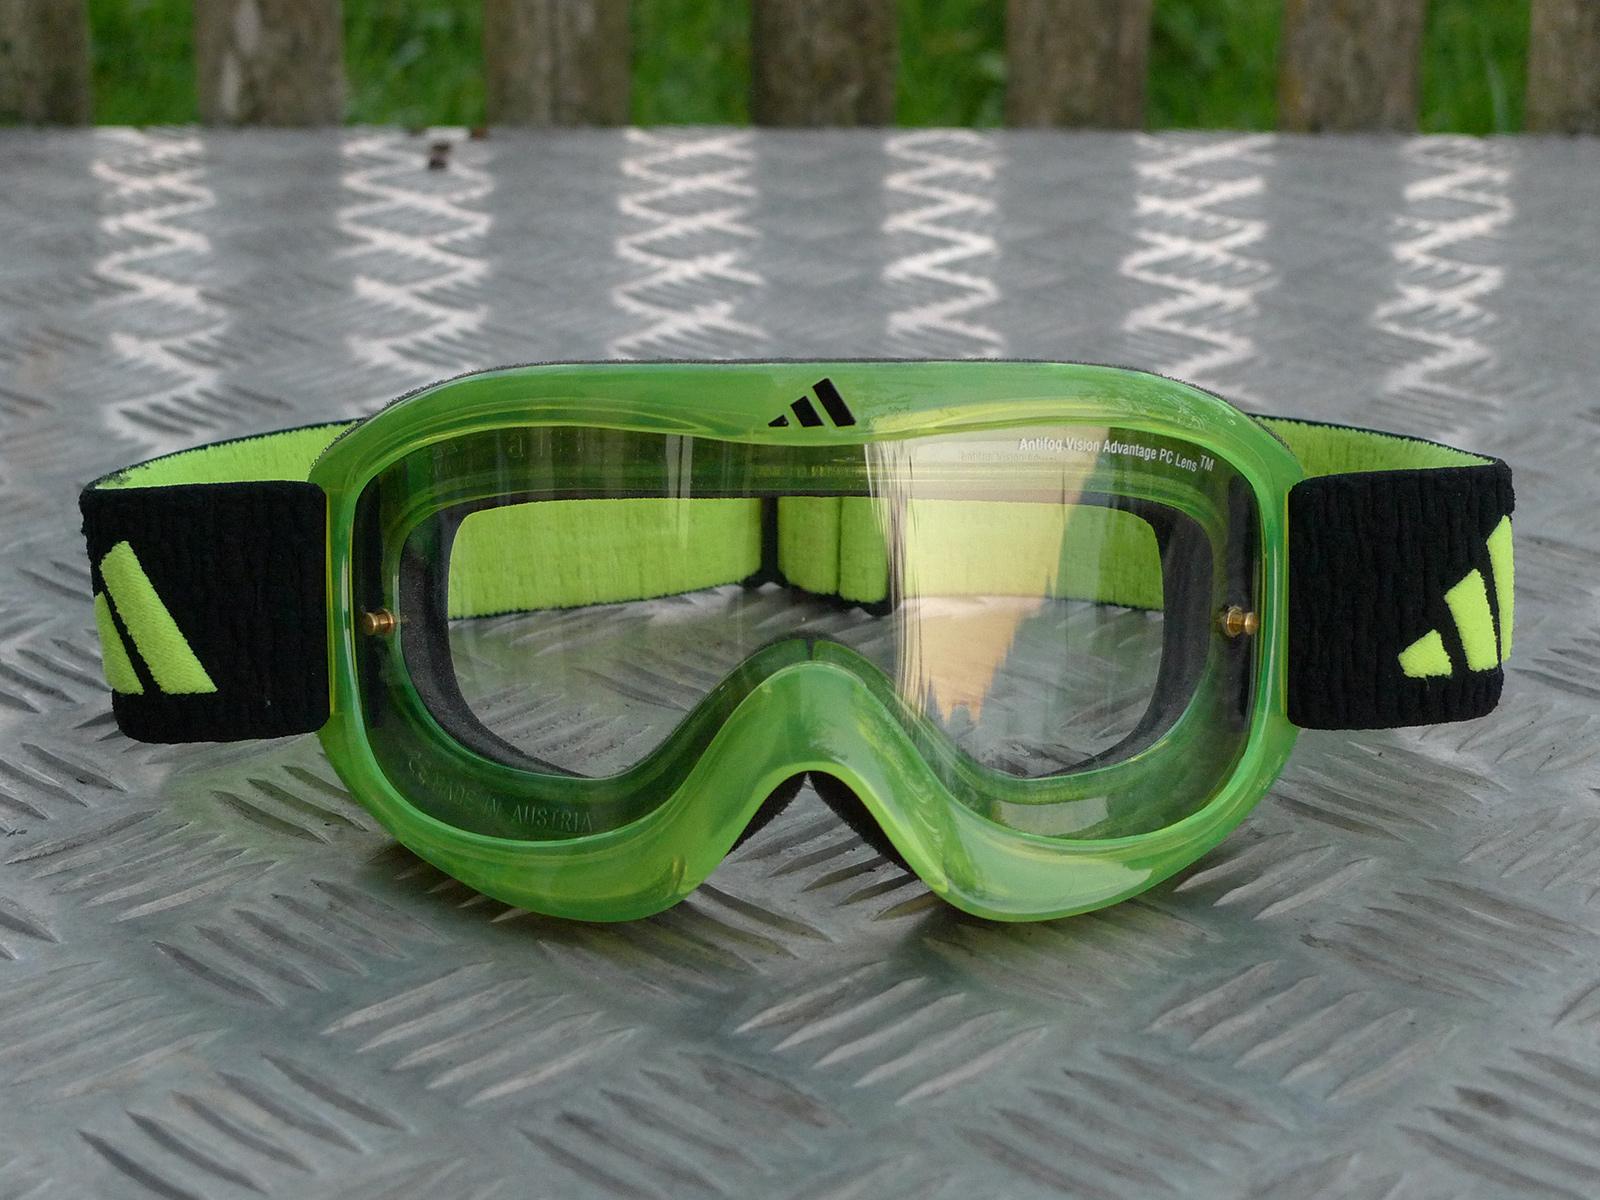 brillen saisontest f nf goggles im vergleich seite 3. Black Bedroom Furniture Sets. Home Design Ideas